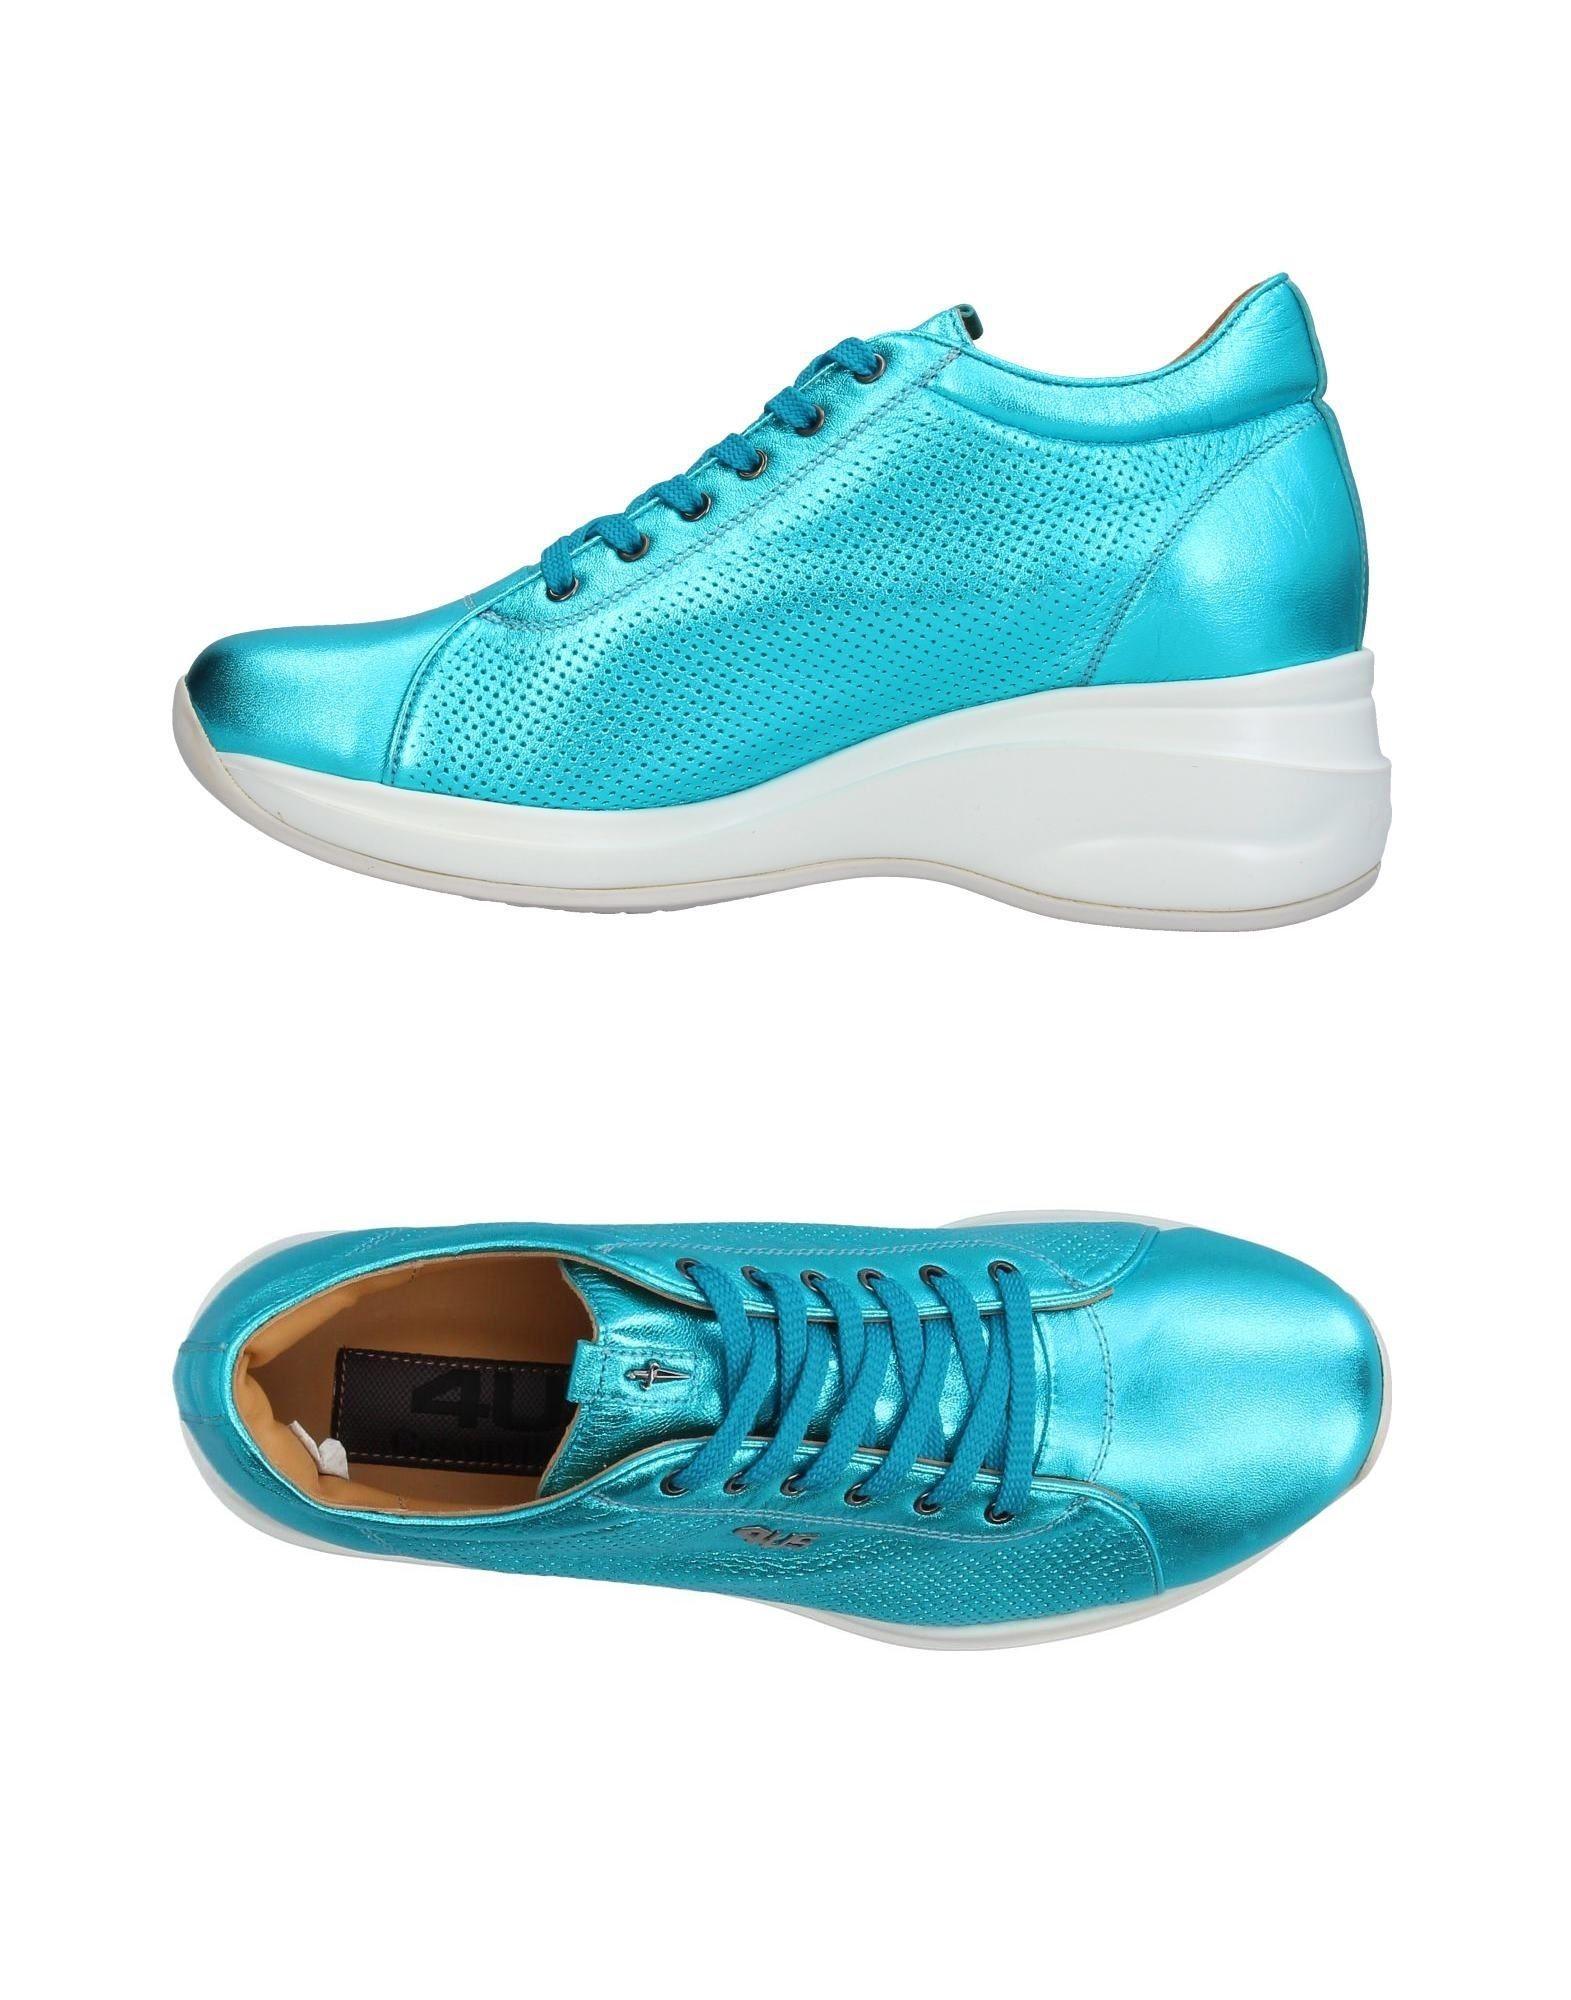 Los zapatos más populares Paciotti para hombres y mujeres Zapatillas Cesare Paciotti populares 4Us Mujer - Zapatillas Cesare Paciotti 4Us  Azul turquesa 1859fd